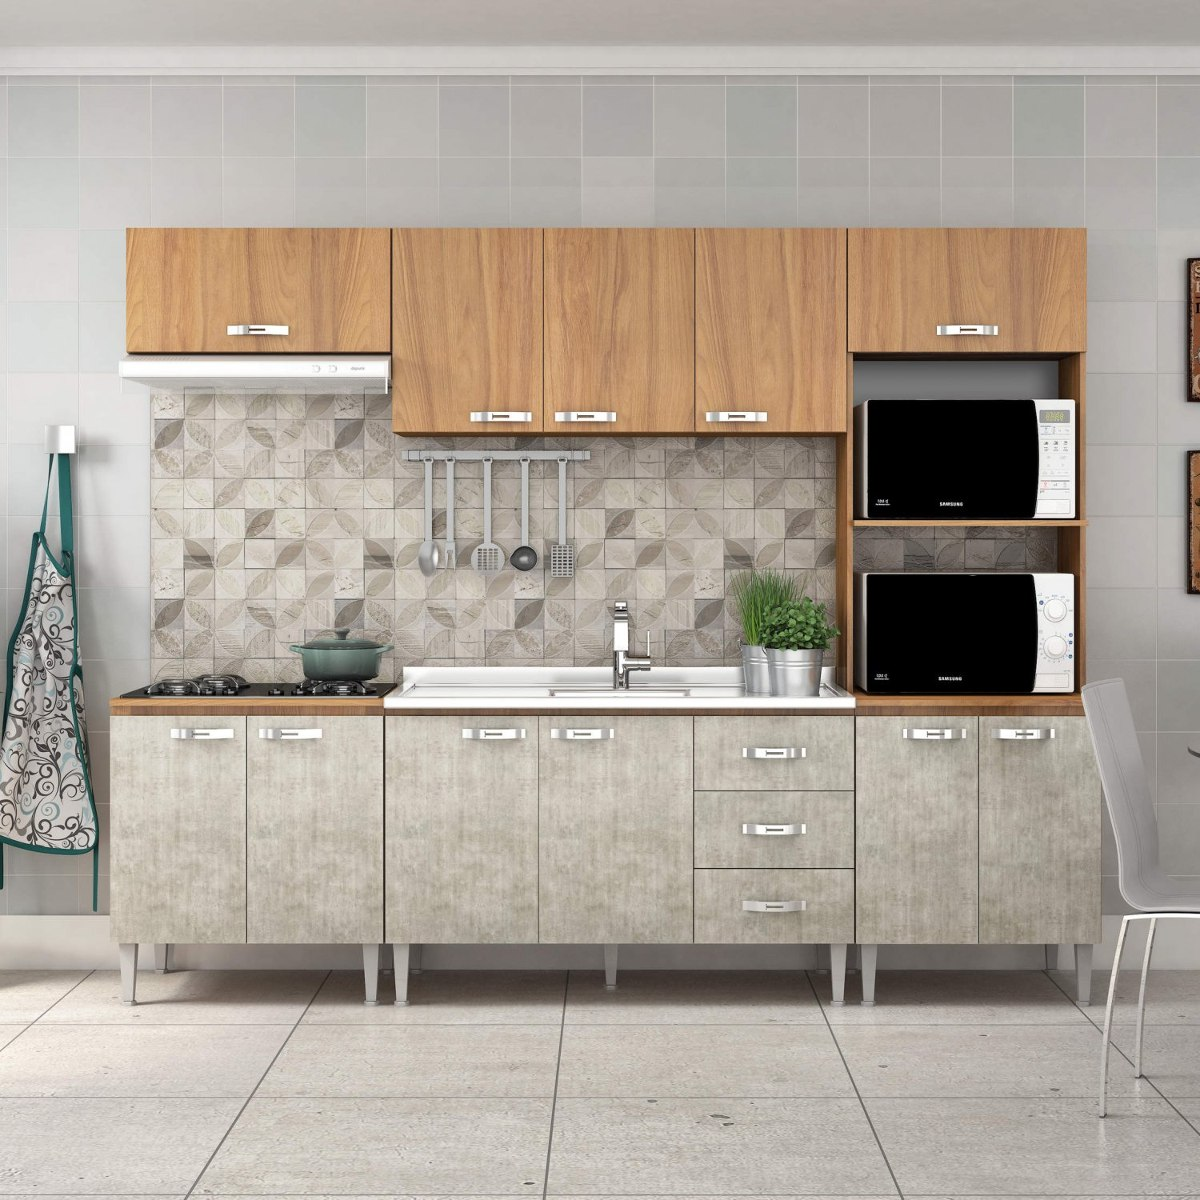 Cozinha Completa Com Balc O Sem Pia 5 Pe As 11 Dj R 979 90 Em